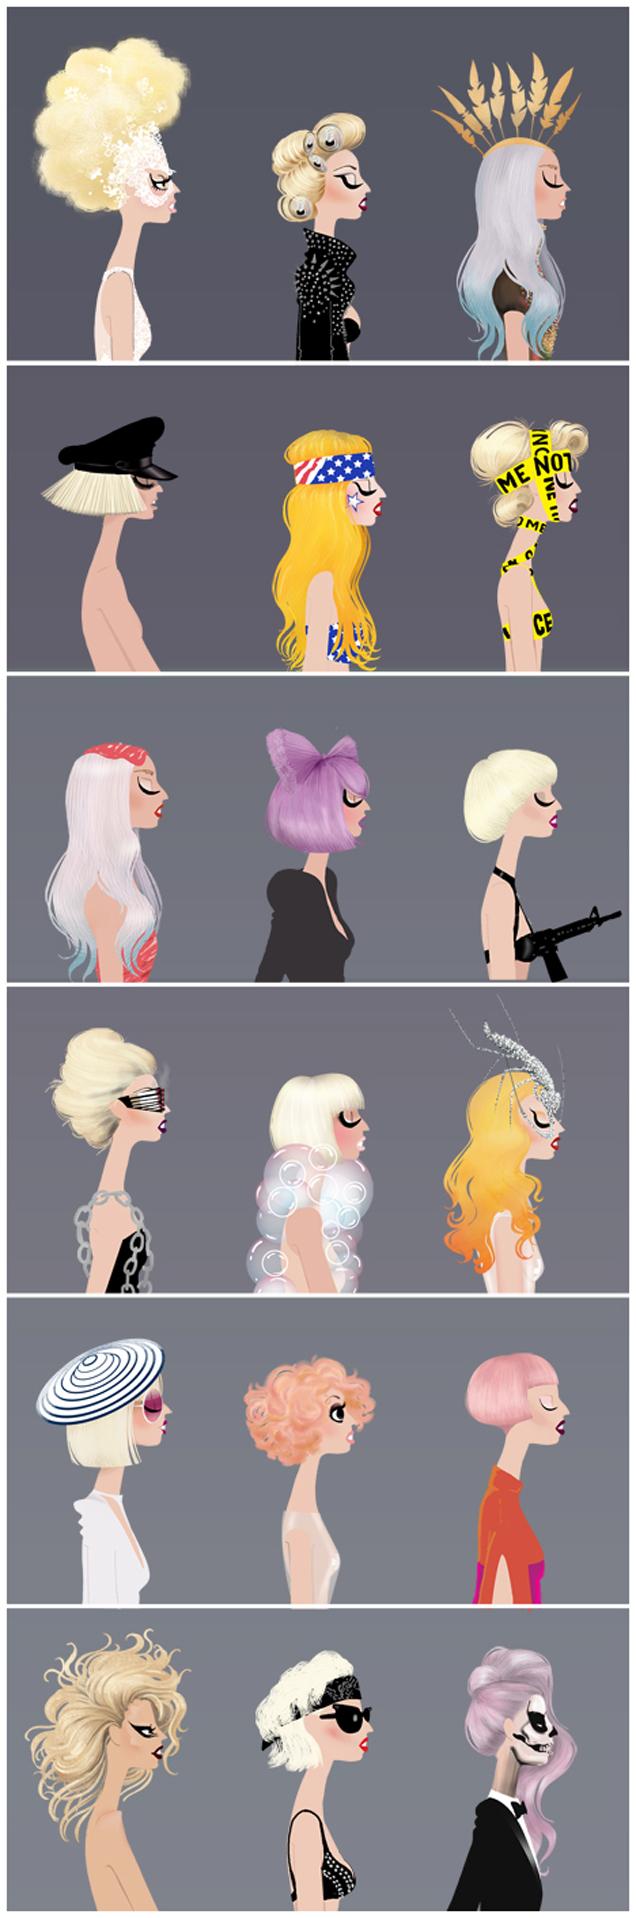 Adrian-Valencia_Lady-Gaga